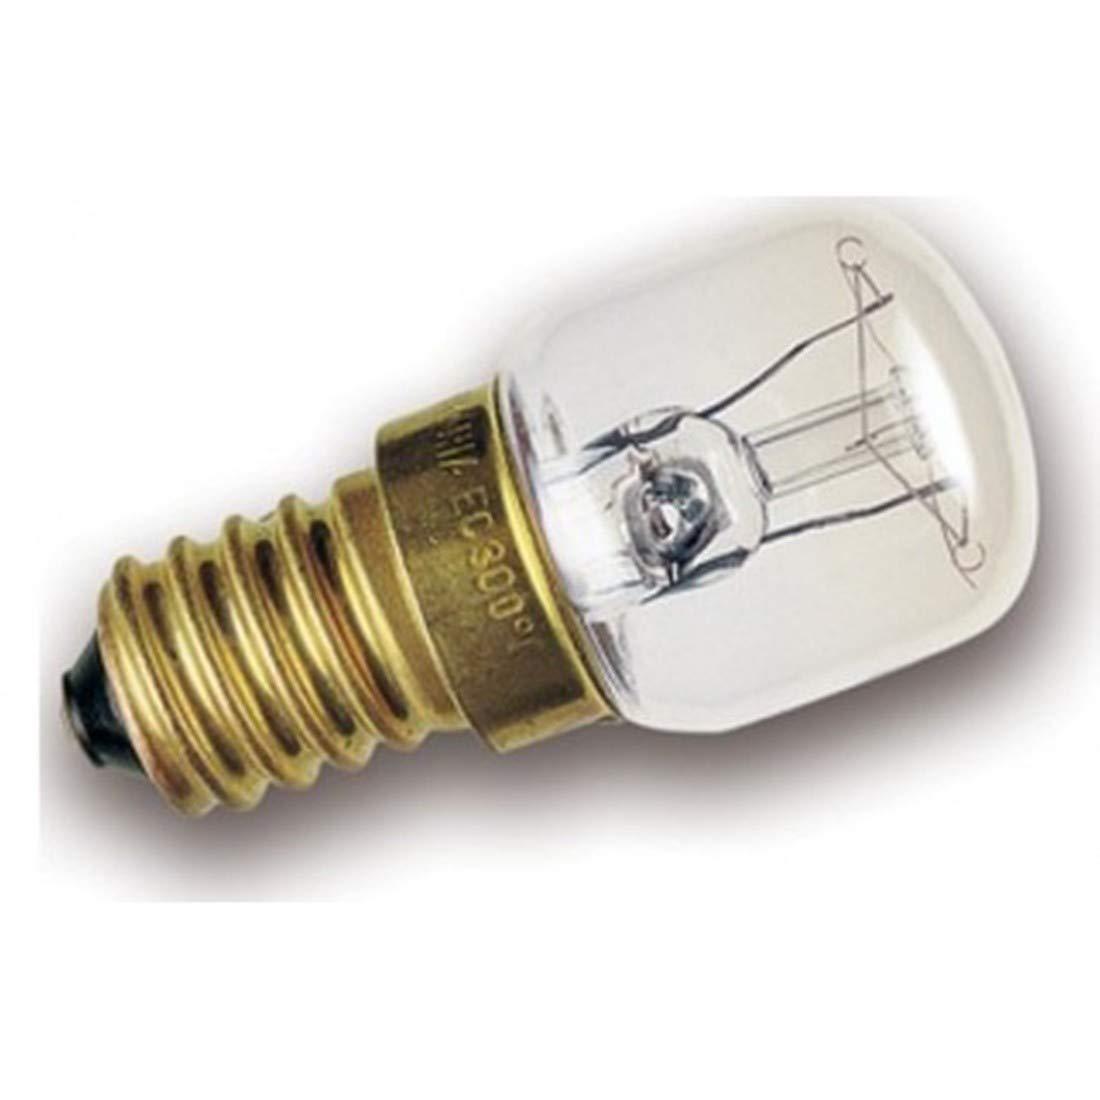 LAMPADINA PER FORNO E 14 POTENZA 25 W 1 PZ 300 ° LAMPADA UNIVERSALE CD 45820600